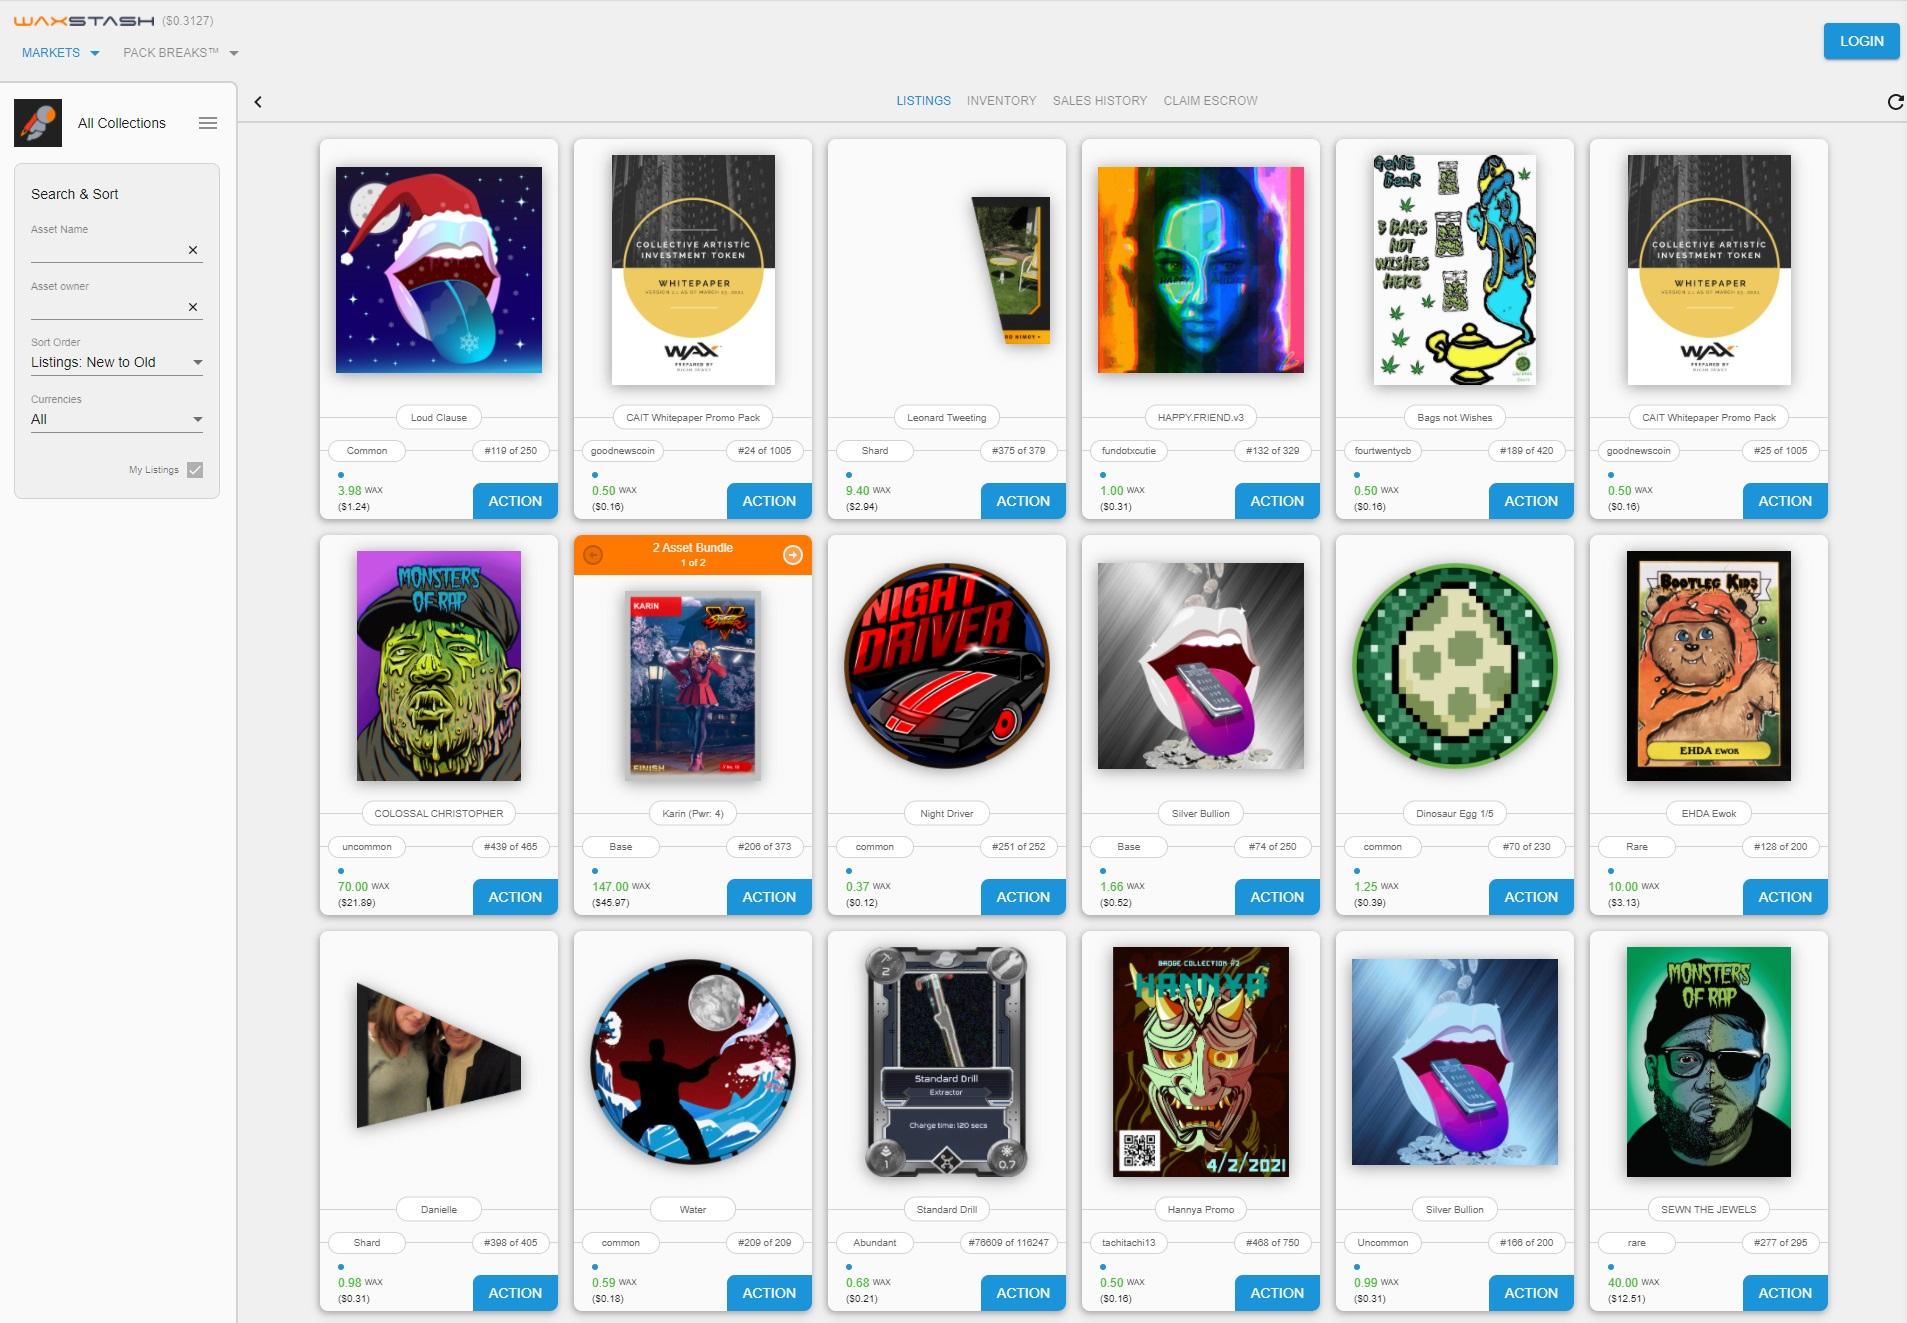 WaxStash Marketplace General Browsing Mode